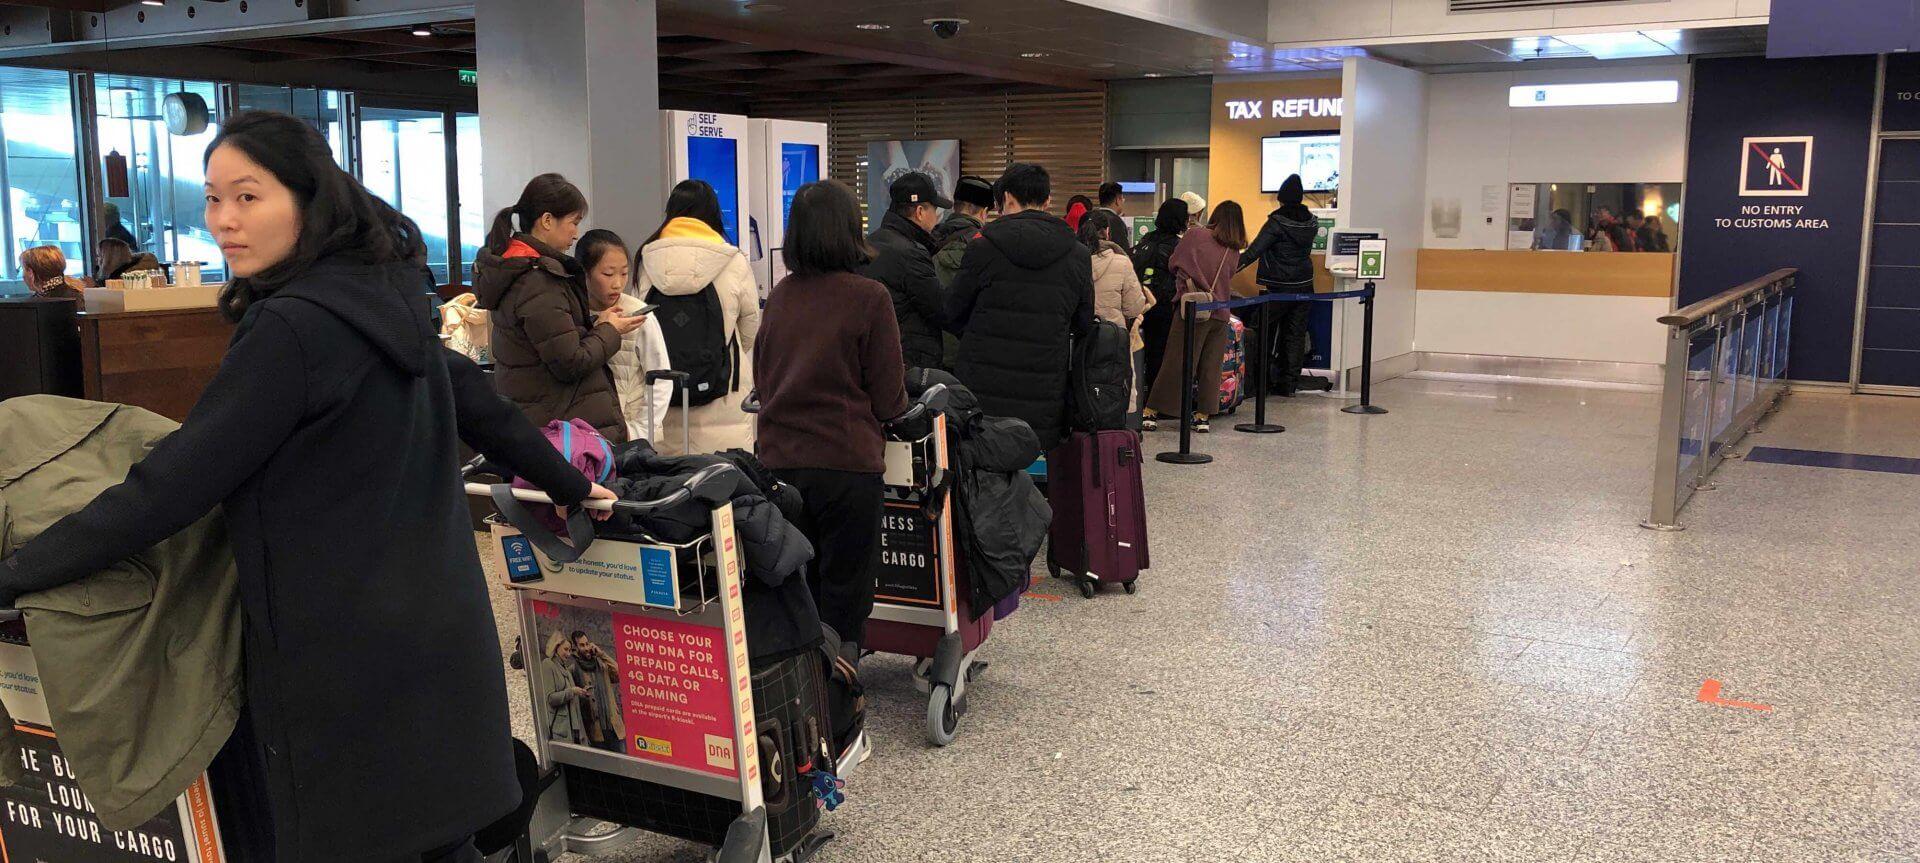 免税手続きは団体旅行客が一気に押し寄せてくる。申請はお早めに